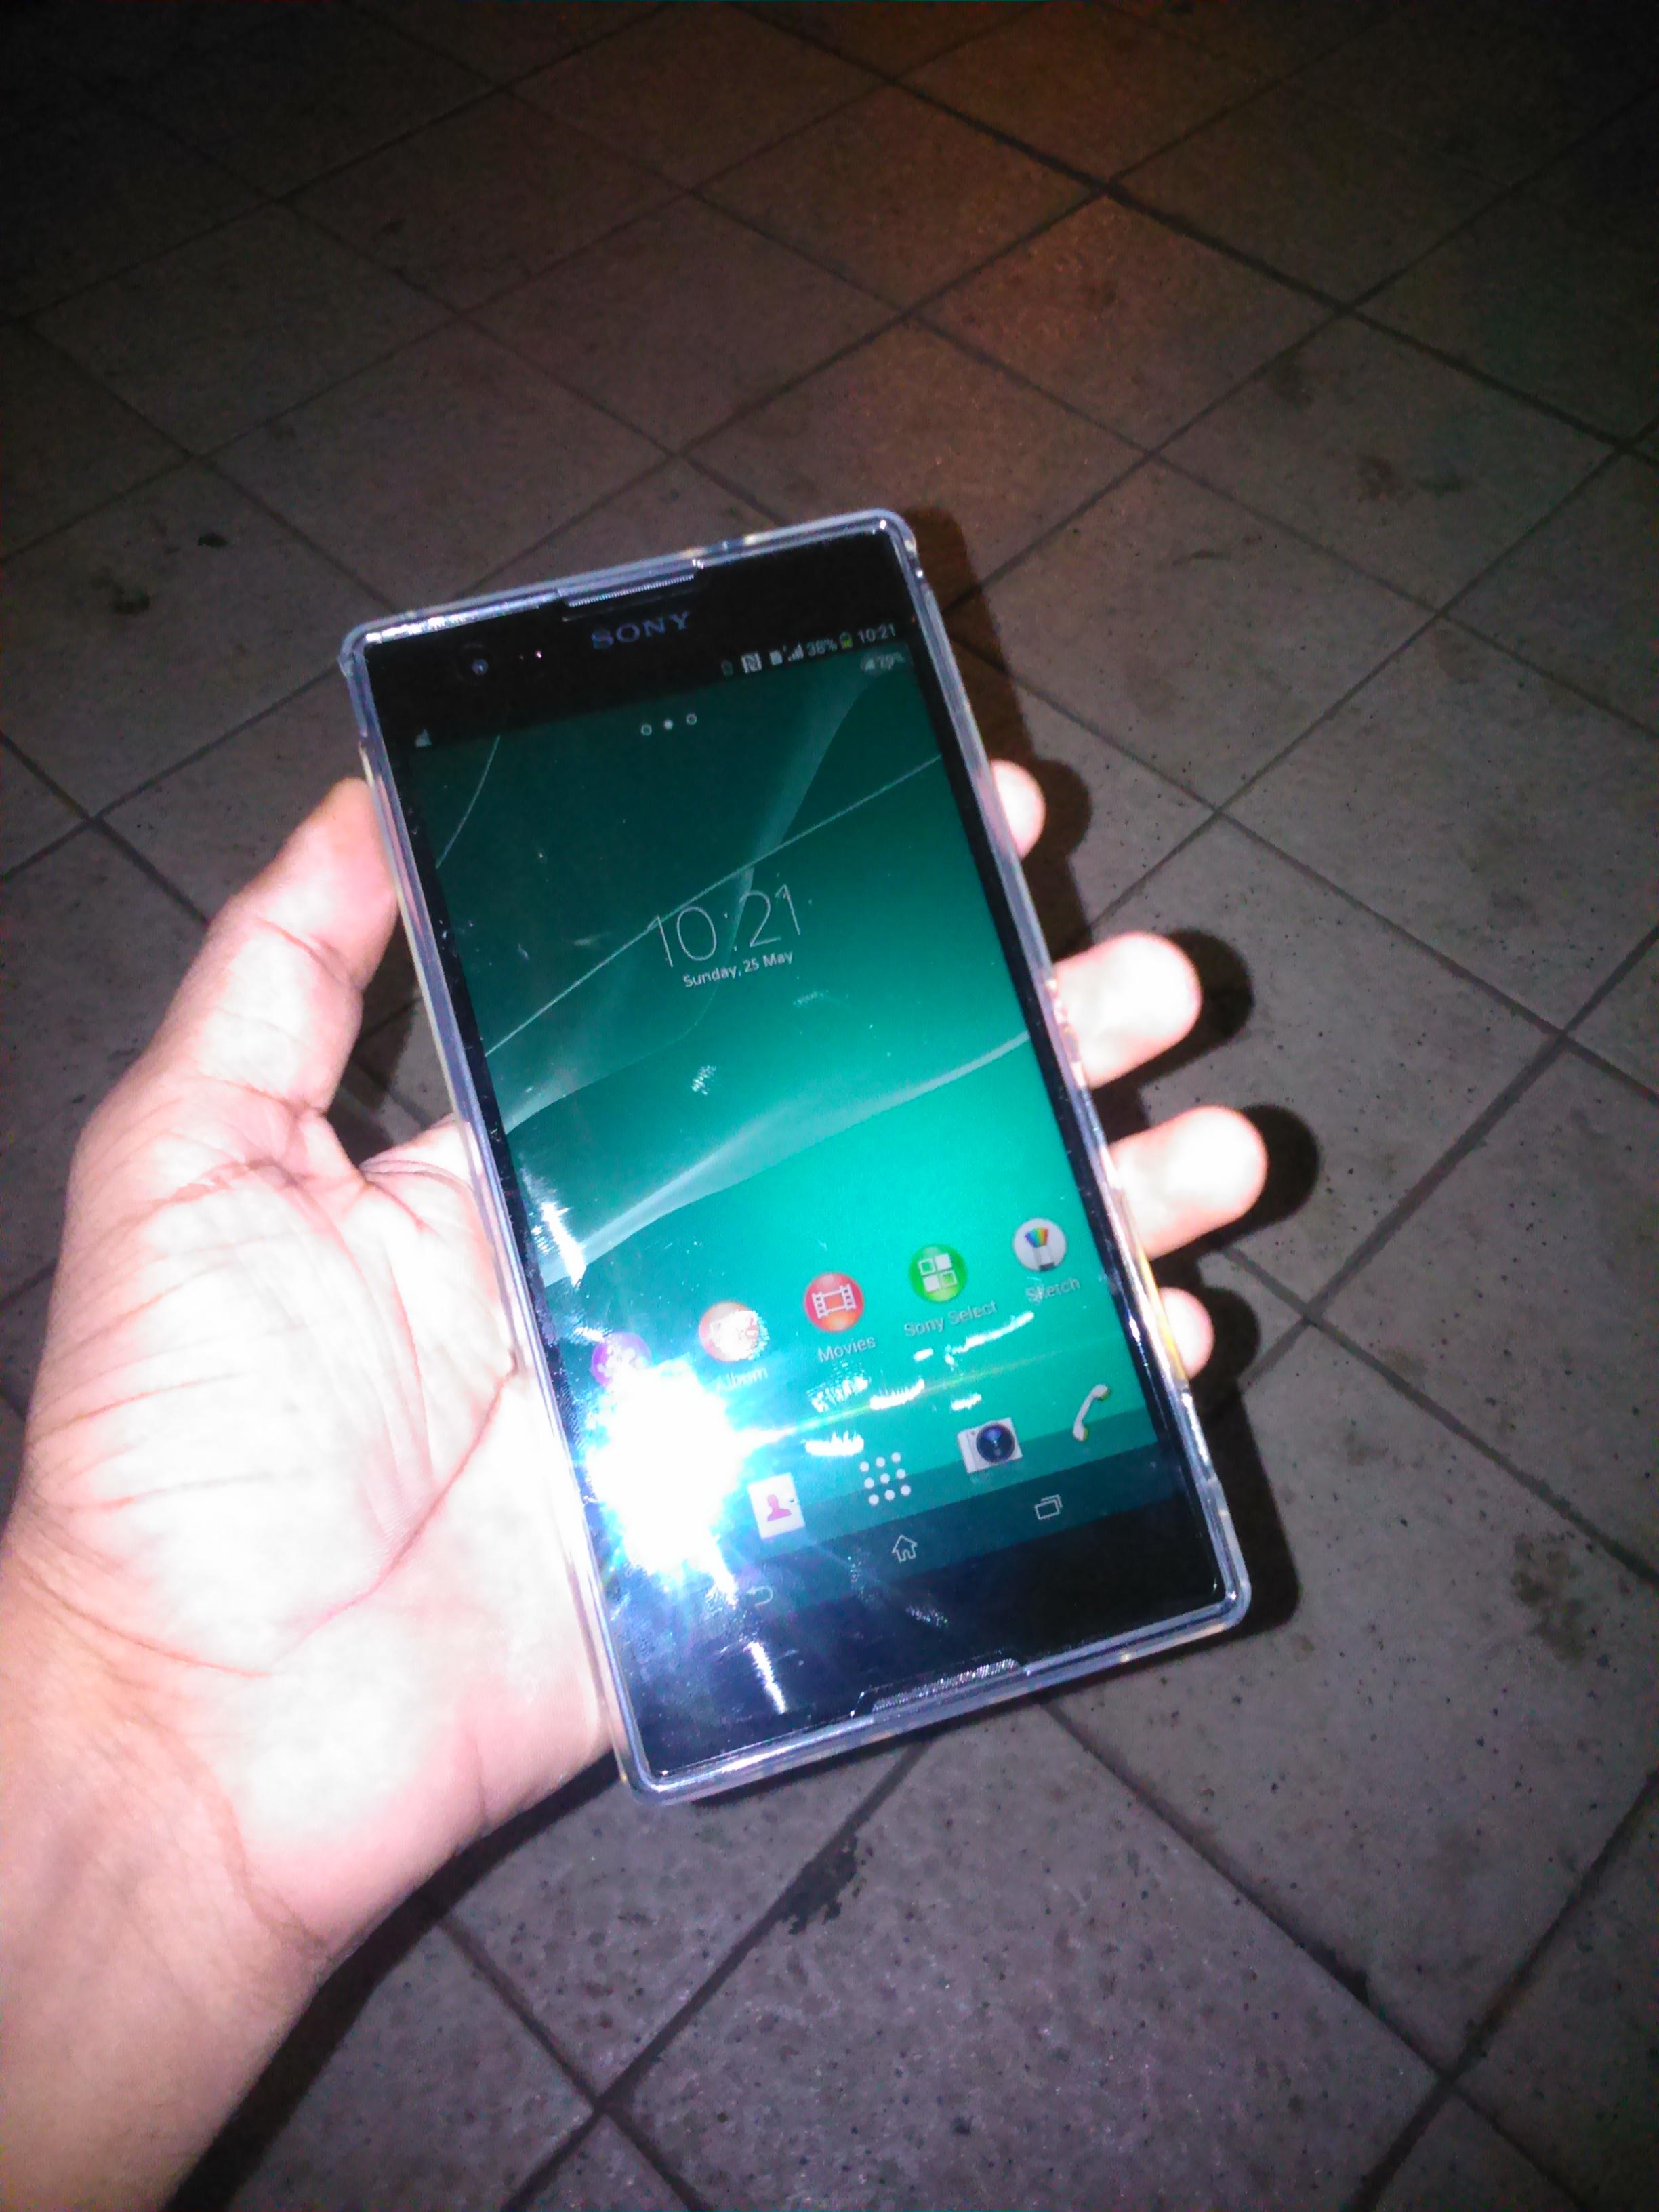 Sony xperia t2 ultra deals